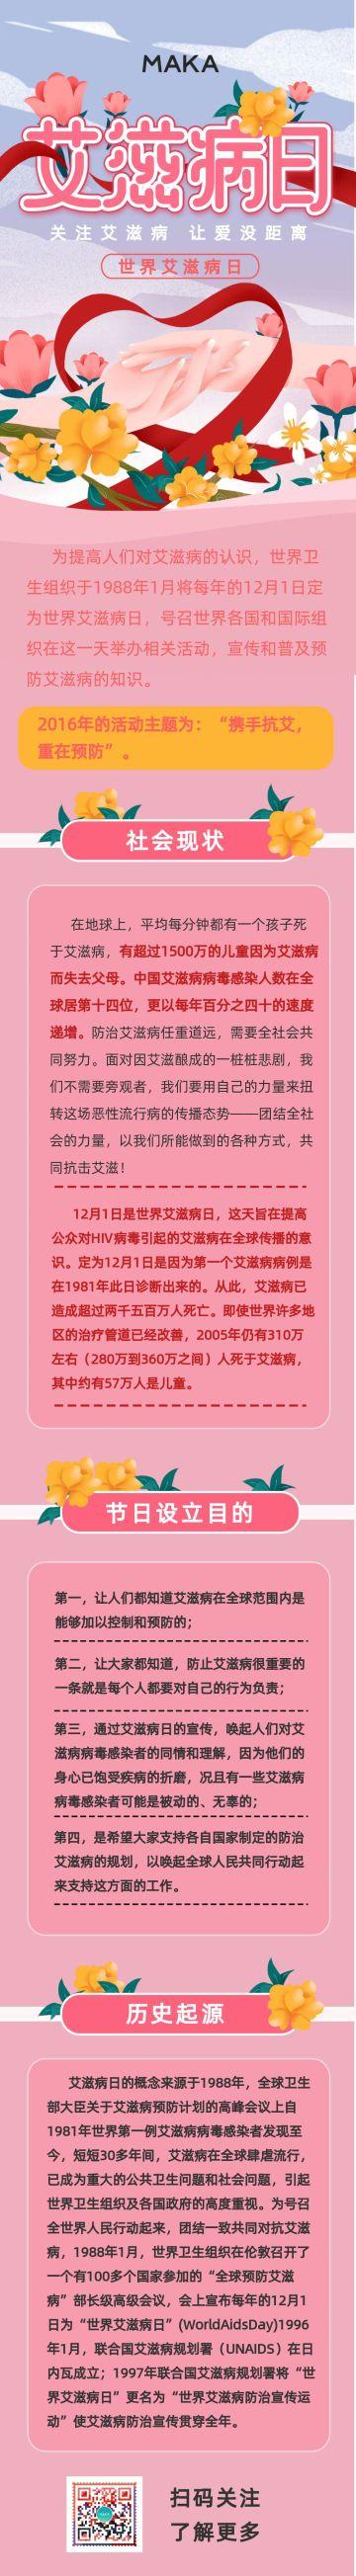 粉色扁平简约风格世界艾滋病日科普宣传长页